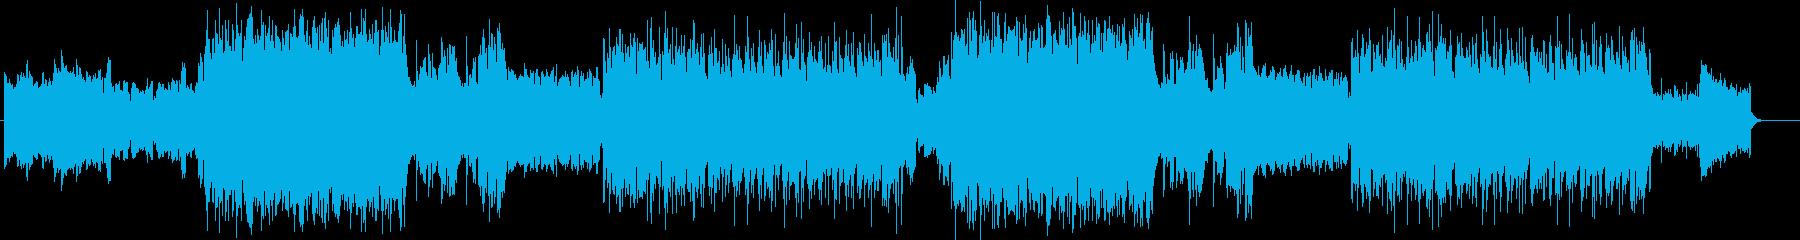 「HR/HM」「DEATH」BGM327の再生済みの波形